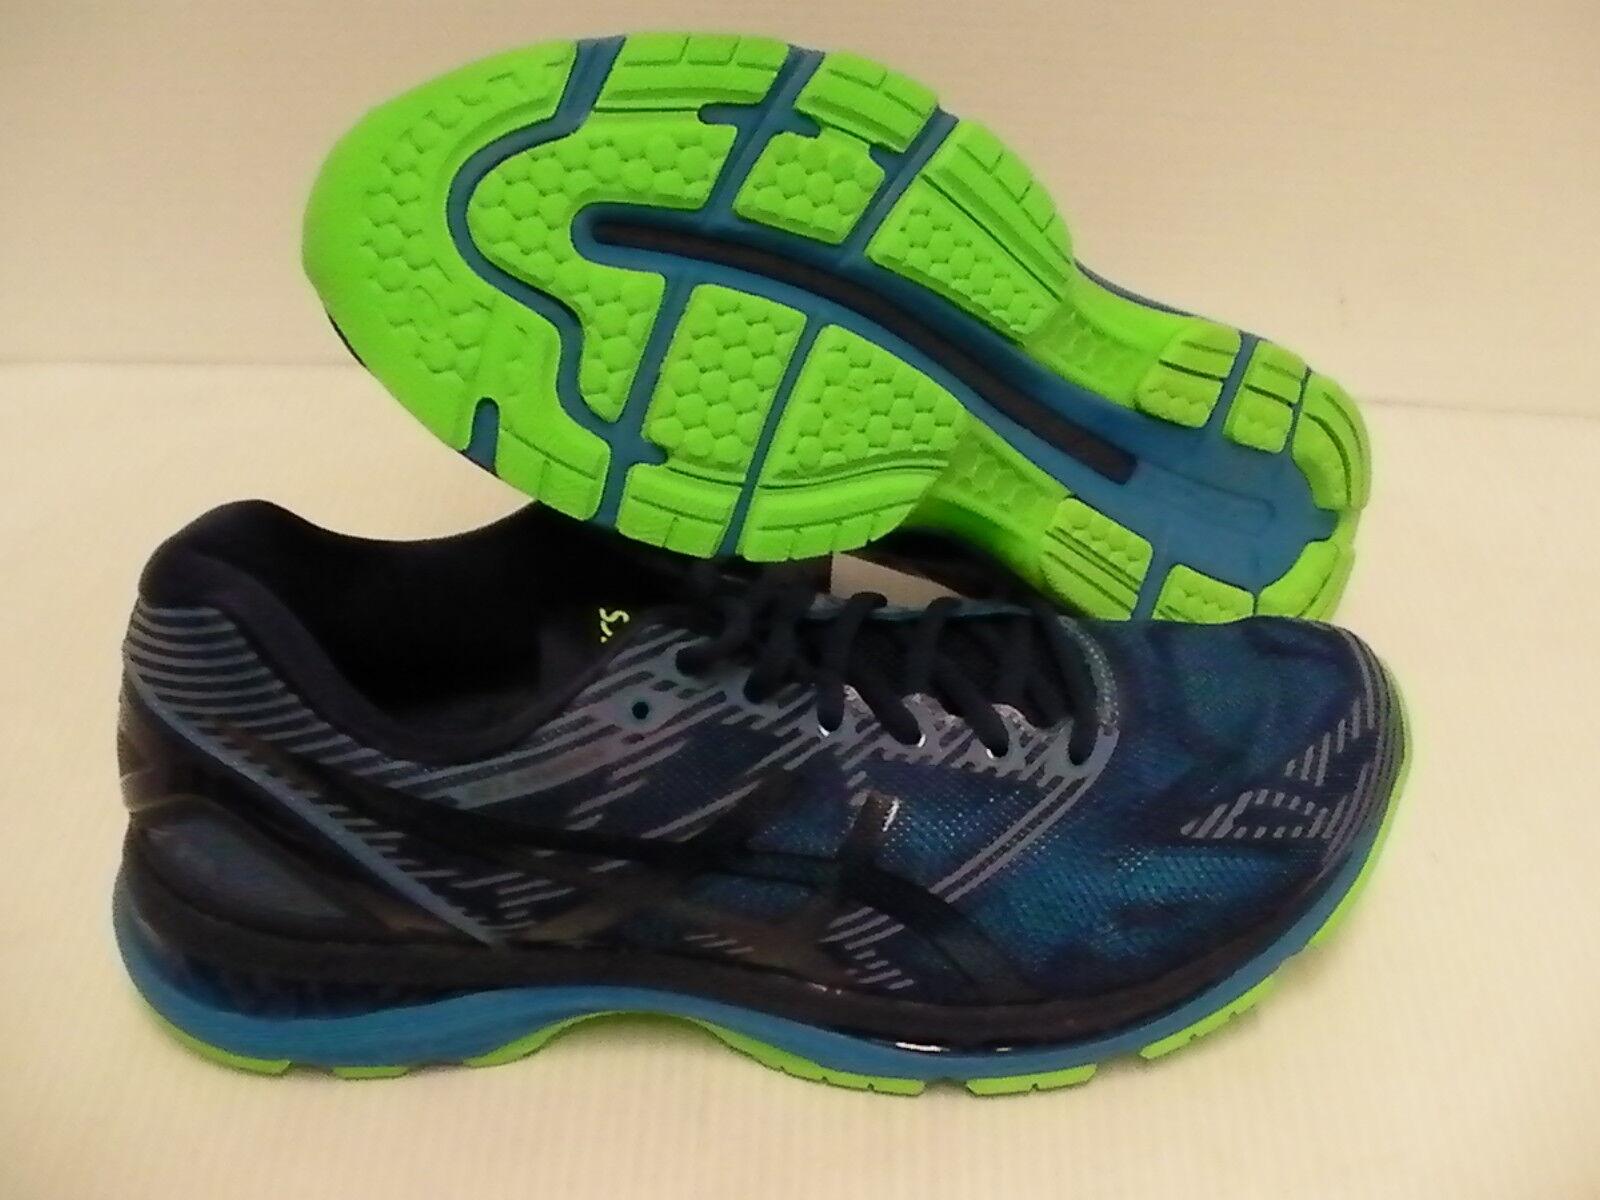 Zapatos de correr Mens Asics Gel Nimbus 19 Lite Show Azul Índigo novela